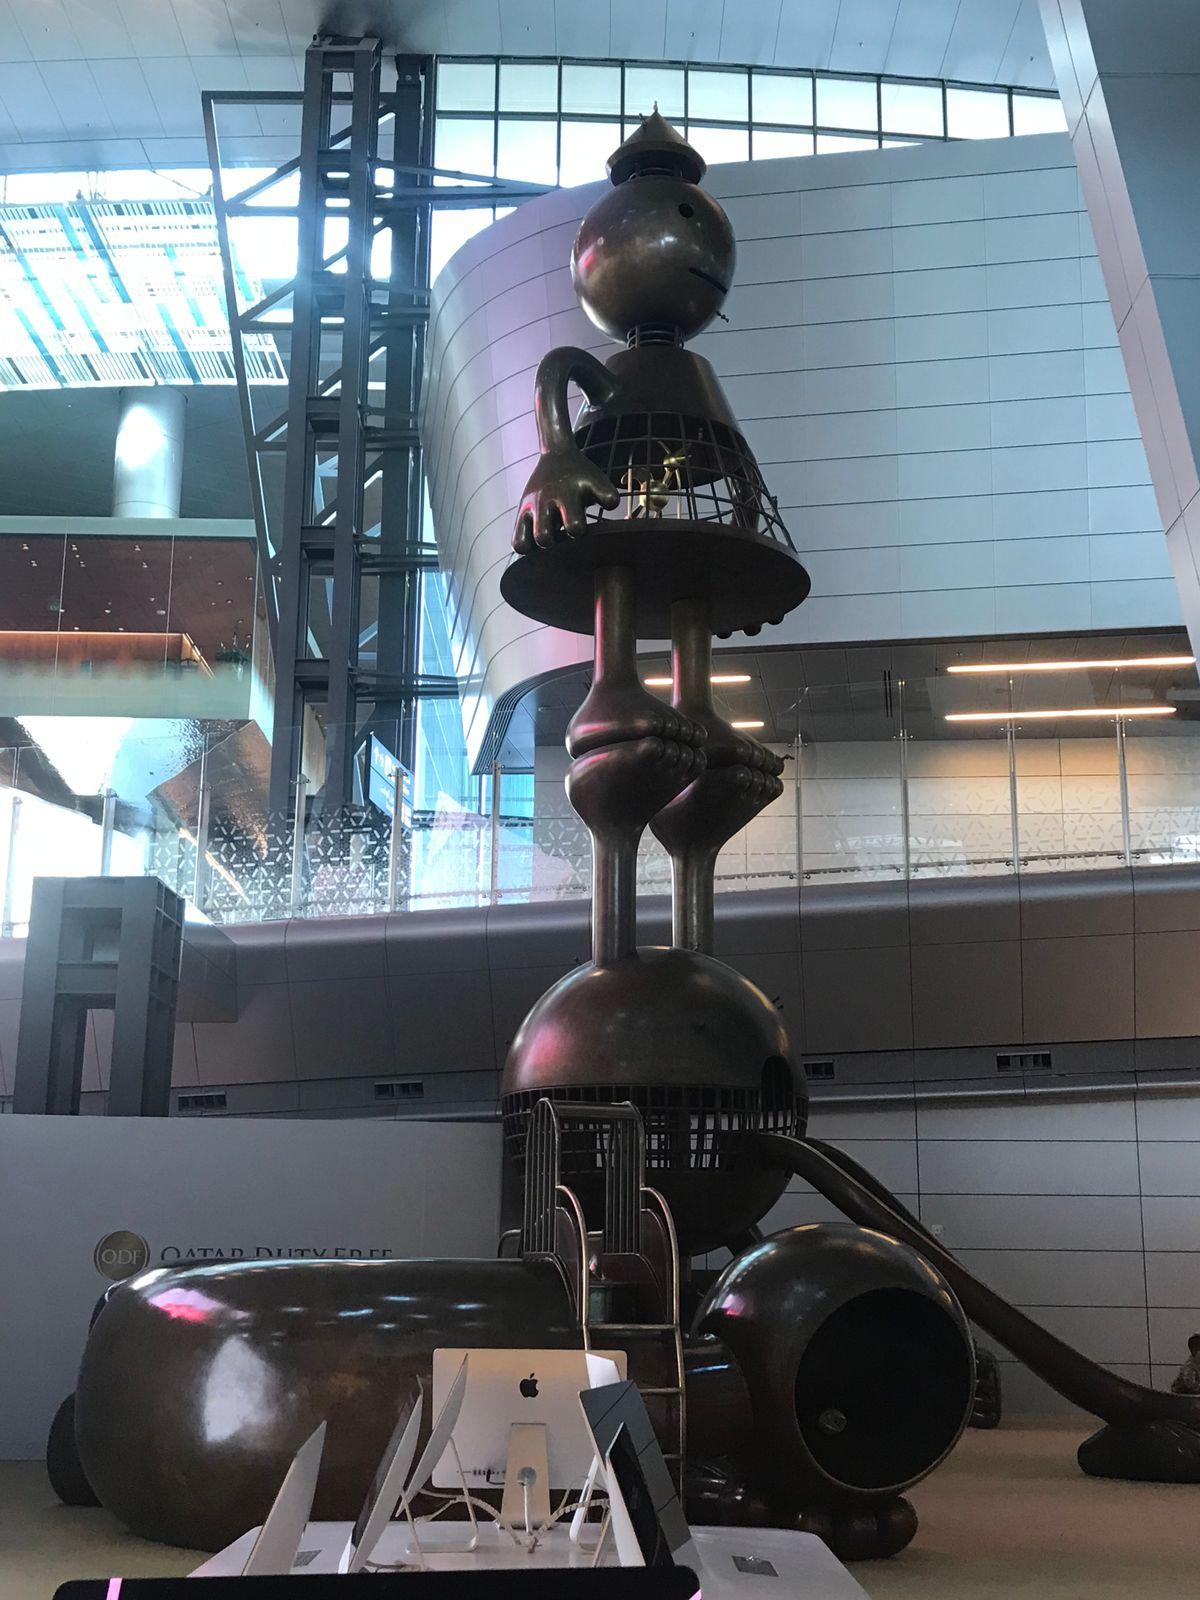 งานศิลปะขนาดใหญ่ ถูกตั้งตกแต่งไว้หลายส่วนในสนามบินนานาชาติ ฮาหมัด